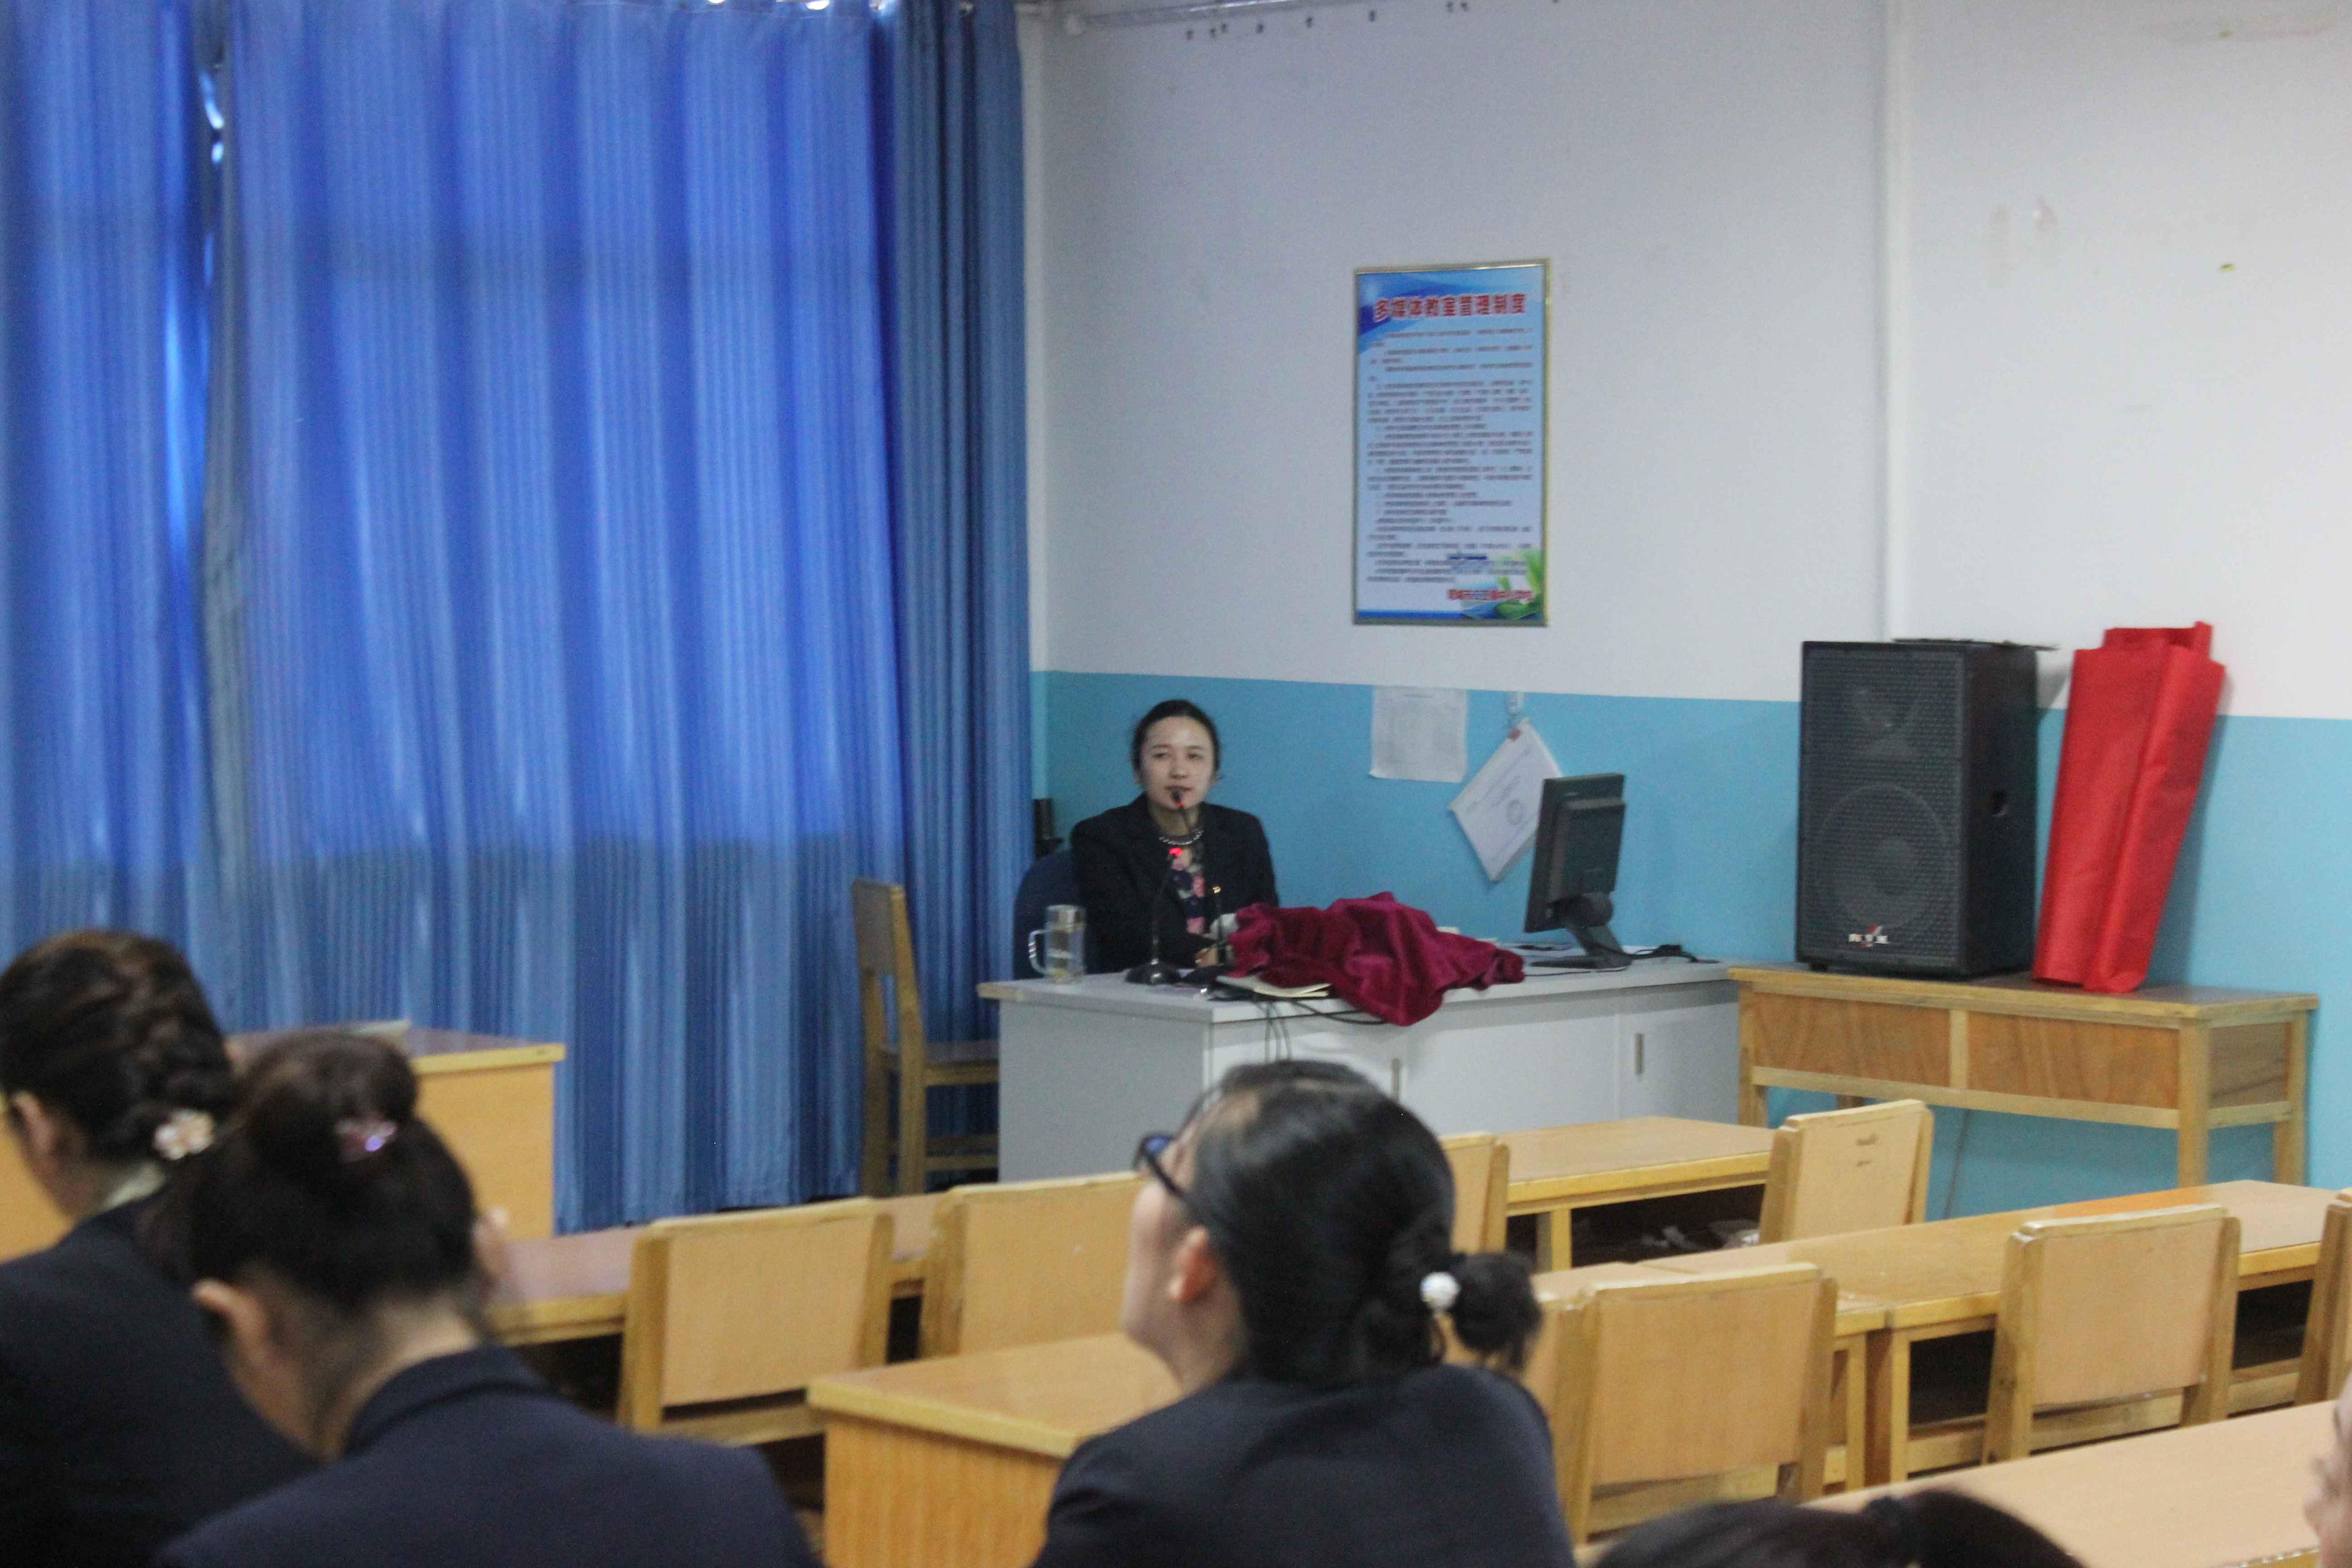 新疆塔城市二工镇中心学校统一思想 齐心协力 积极创建校园文化示范校